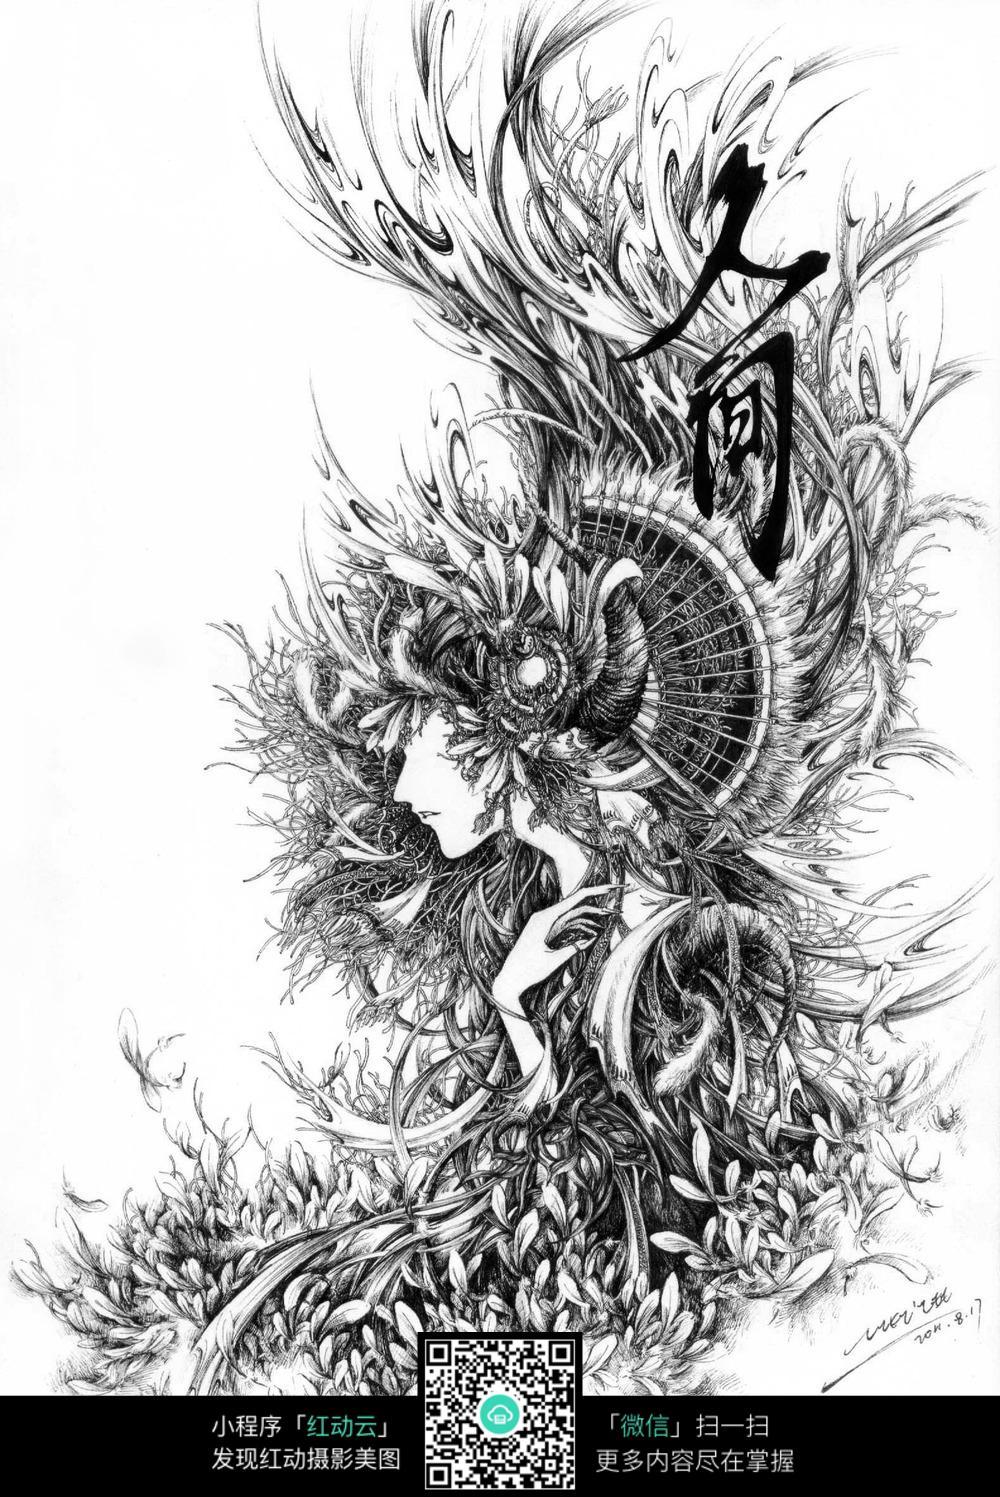 《人间》创意美女黑白线描画图片